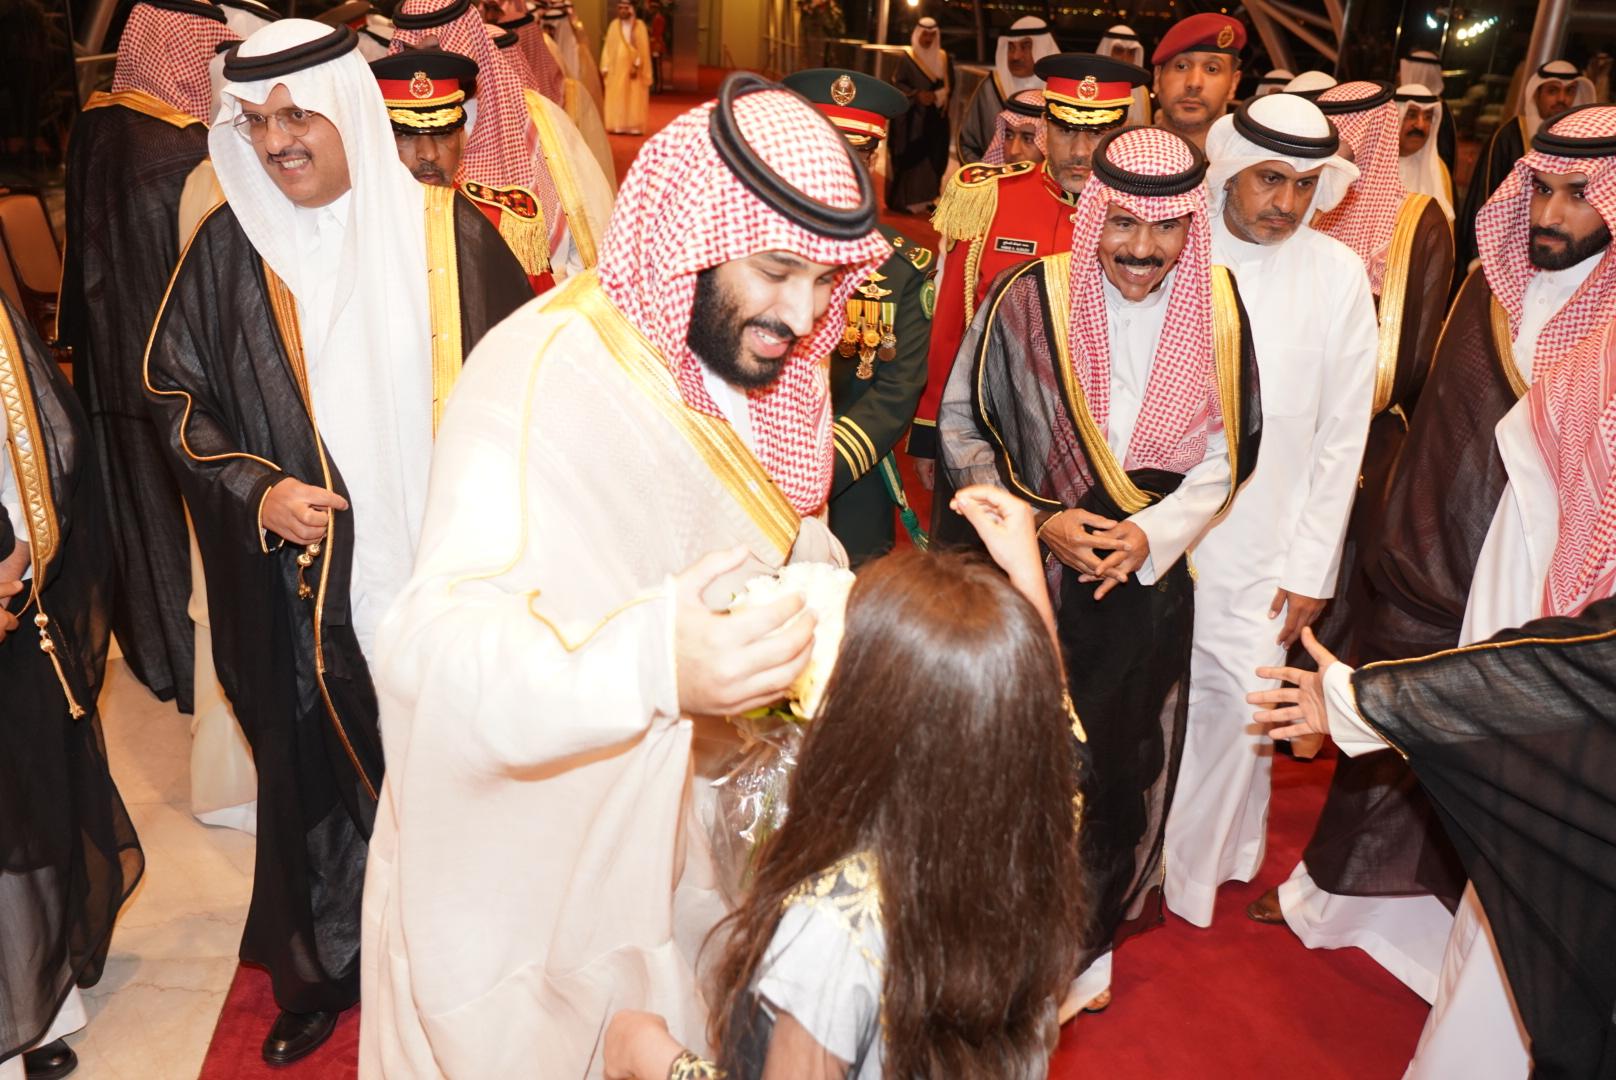 كونا ولي العهد السعودي يصل إلى البلاد في زيارة رسمية عام 30